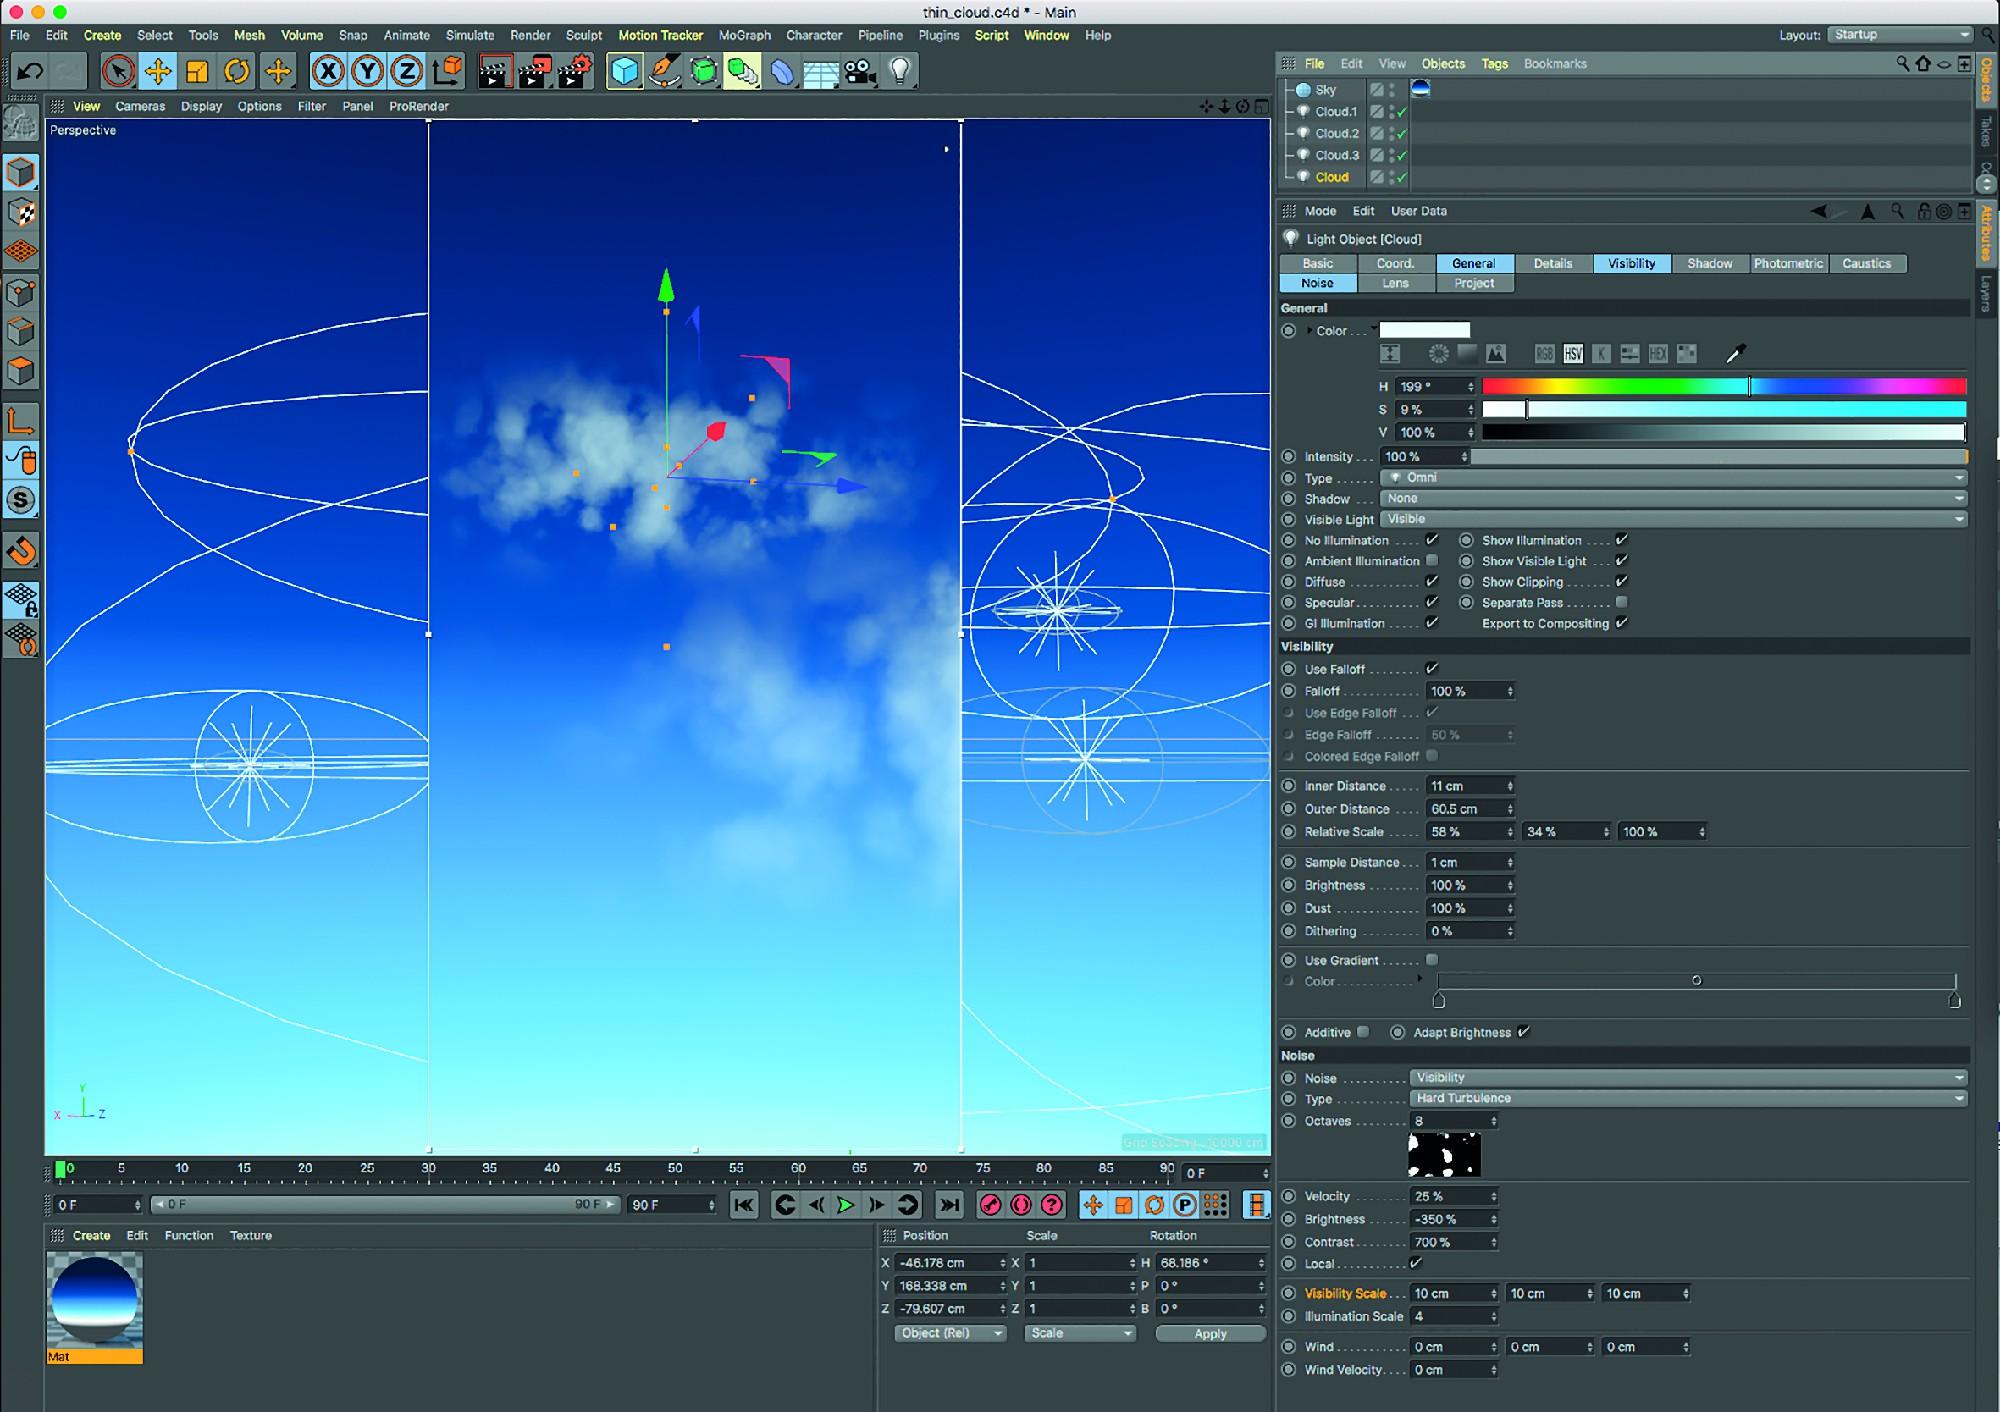 Bild O7: Definierte Wolkenstrukturen lassen sich im Tab Noise mittels starker negativer Helligkeit (-35O %) und starkem positiven Kontrast (7OO%) herausarbeiten.